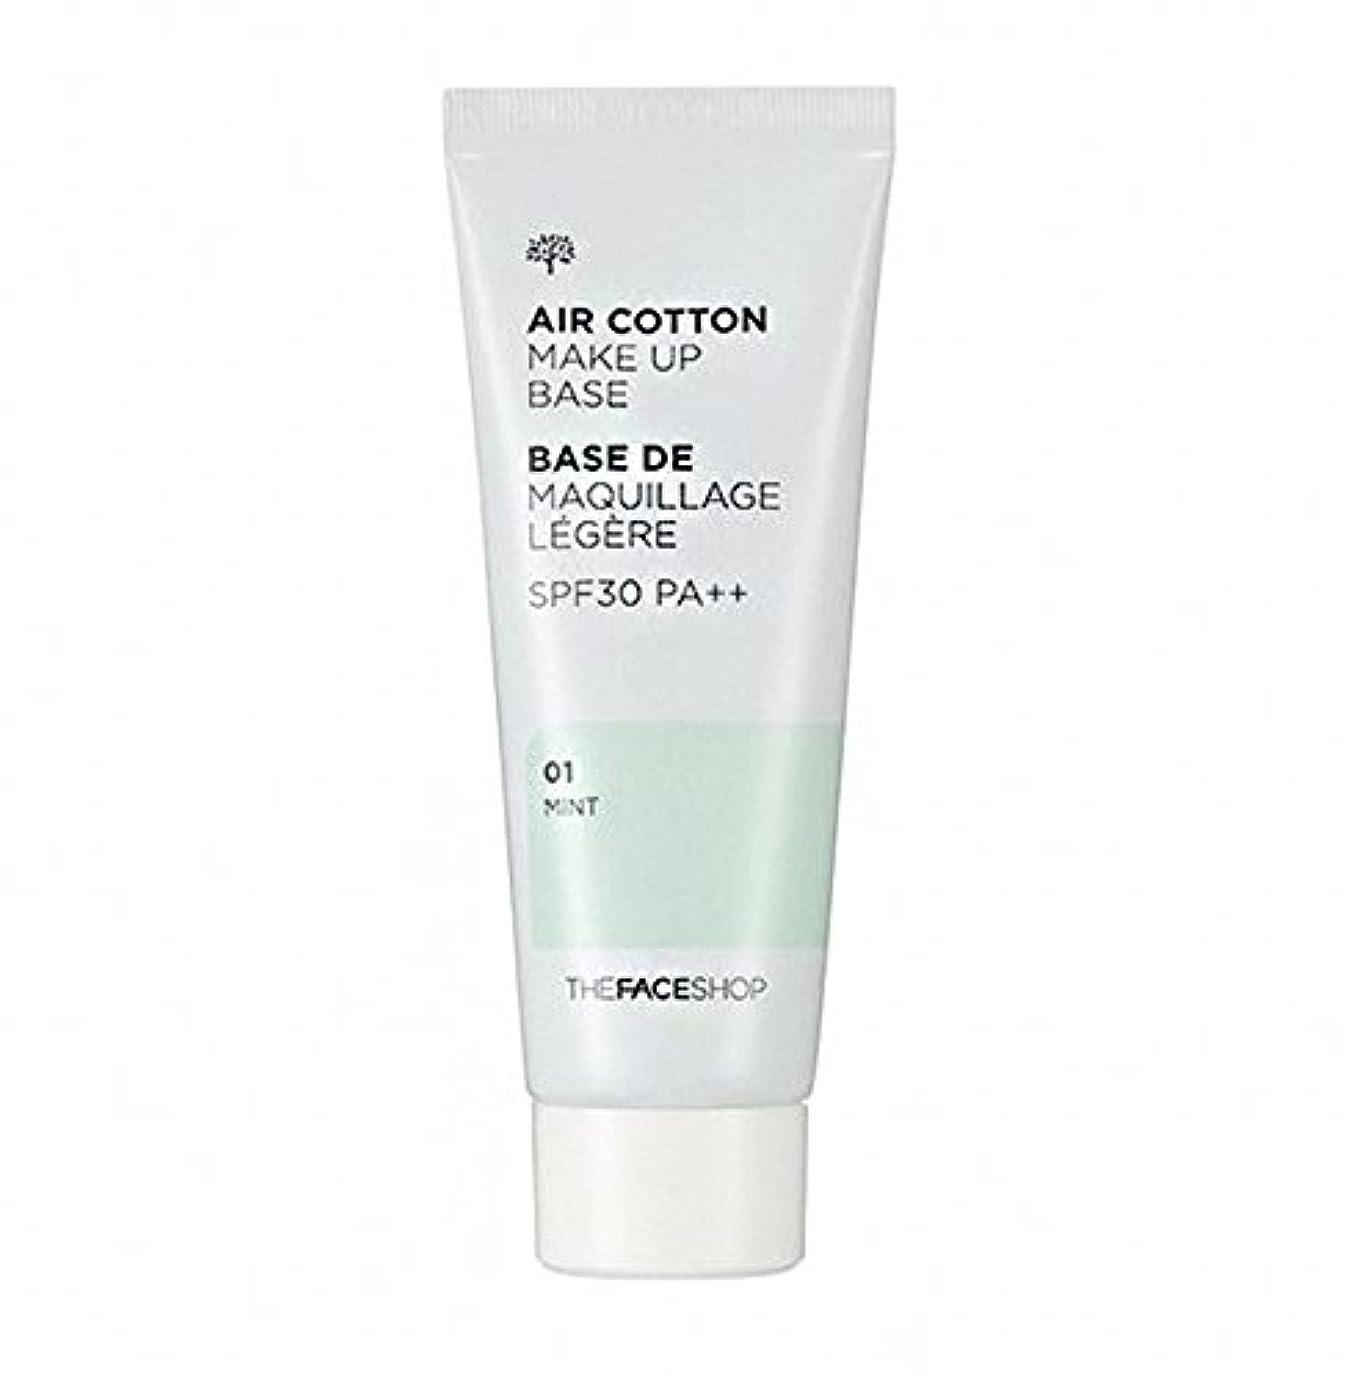 人差し指女王合わせてザ·フェイスショップ The Face Shop エアコットン メーキャップ ベース 40ml(01 ミント) The Face Shop air Cotton Makeup Base 40ml(01 Mint) [海外直送品]